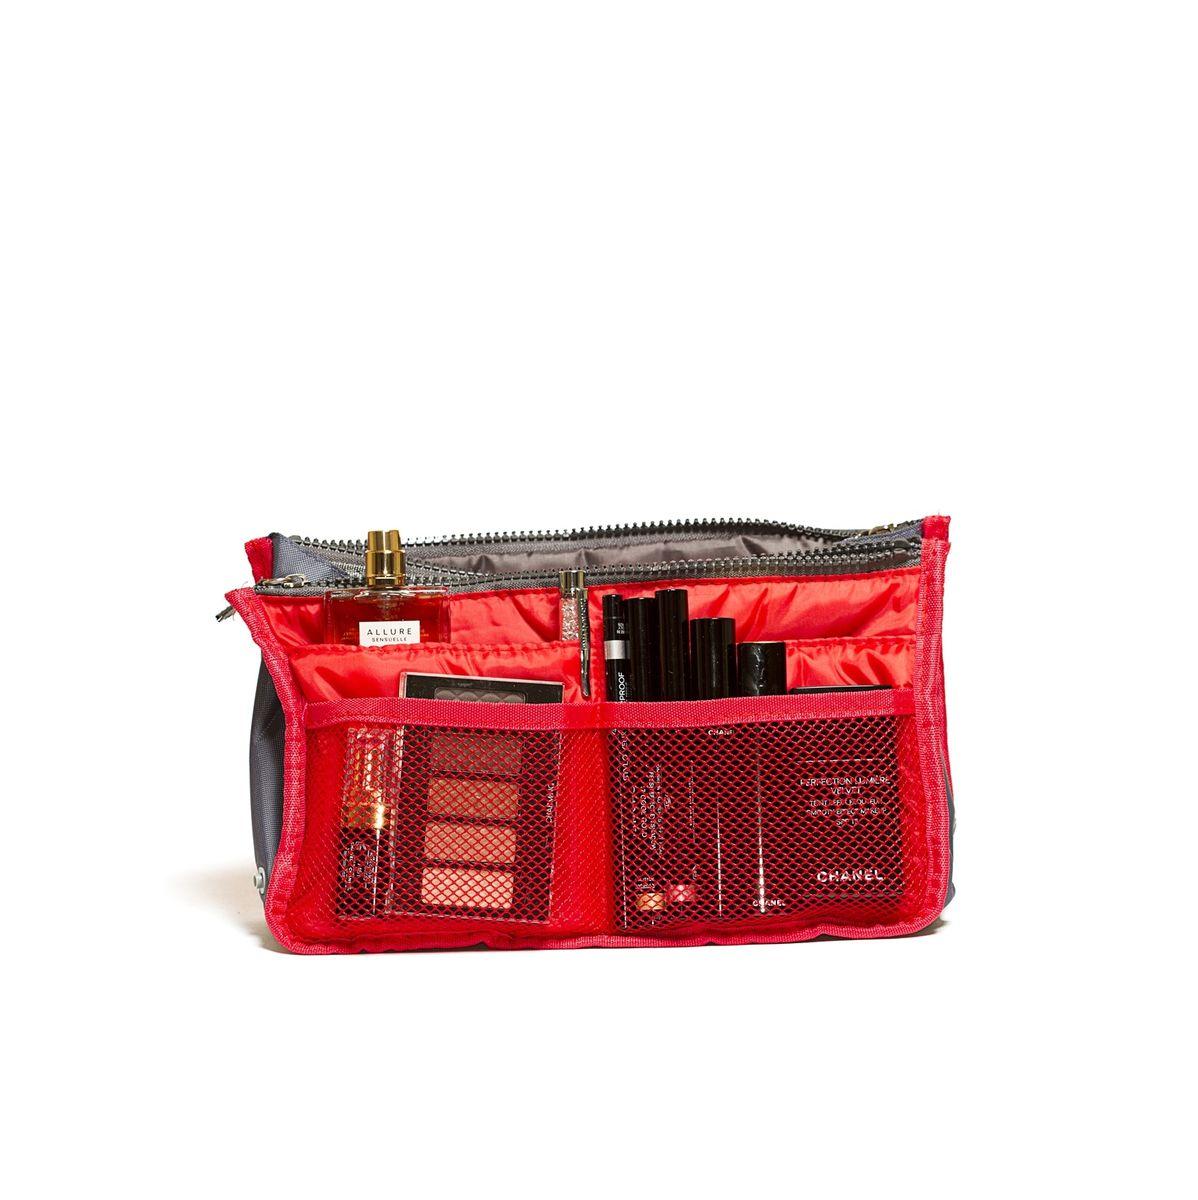 Органайзер для сумки Homsu, цвет: красный, 30 x 8,5 x 18,5 смRG-D31SЭтот органайзер для сумки благодаря трем вместительным отделениям для вещей, четырем кармашкам по бокам и шести кармашкам в виде сетки обеспечит полный порядок в вашей сумке. Кроме того, изделие обладает интересным стилем, выполнено в красном цвете и оснащёно двумя крепкими ручками, что позволяет применять его и вне сумки, как отдельный аксессуар. Фактический цвет может отличаться от заявленного.